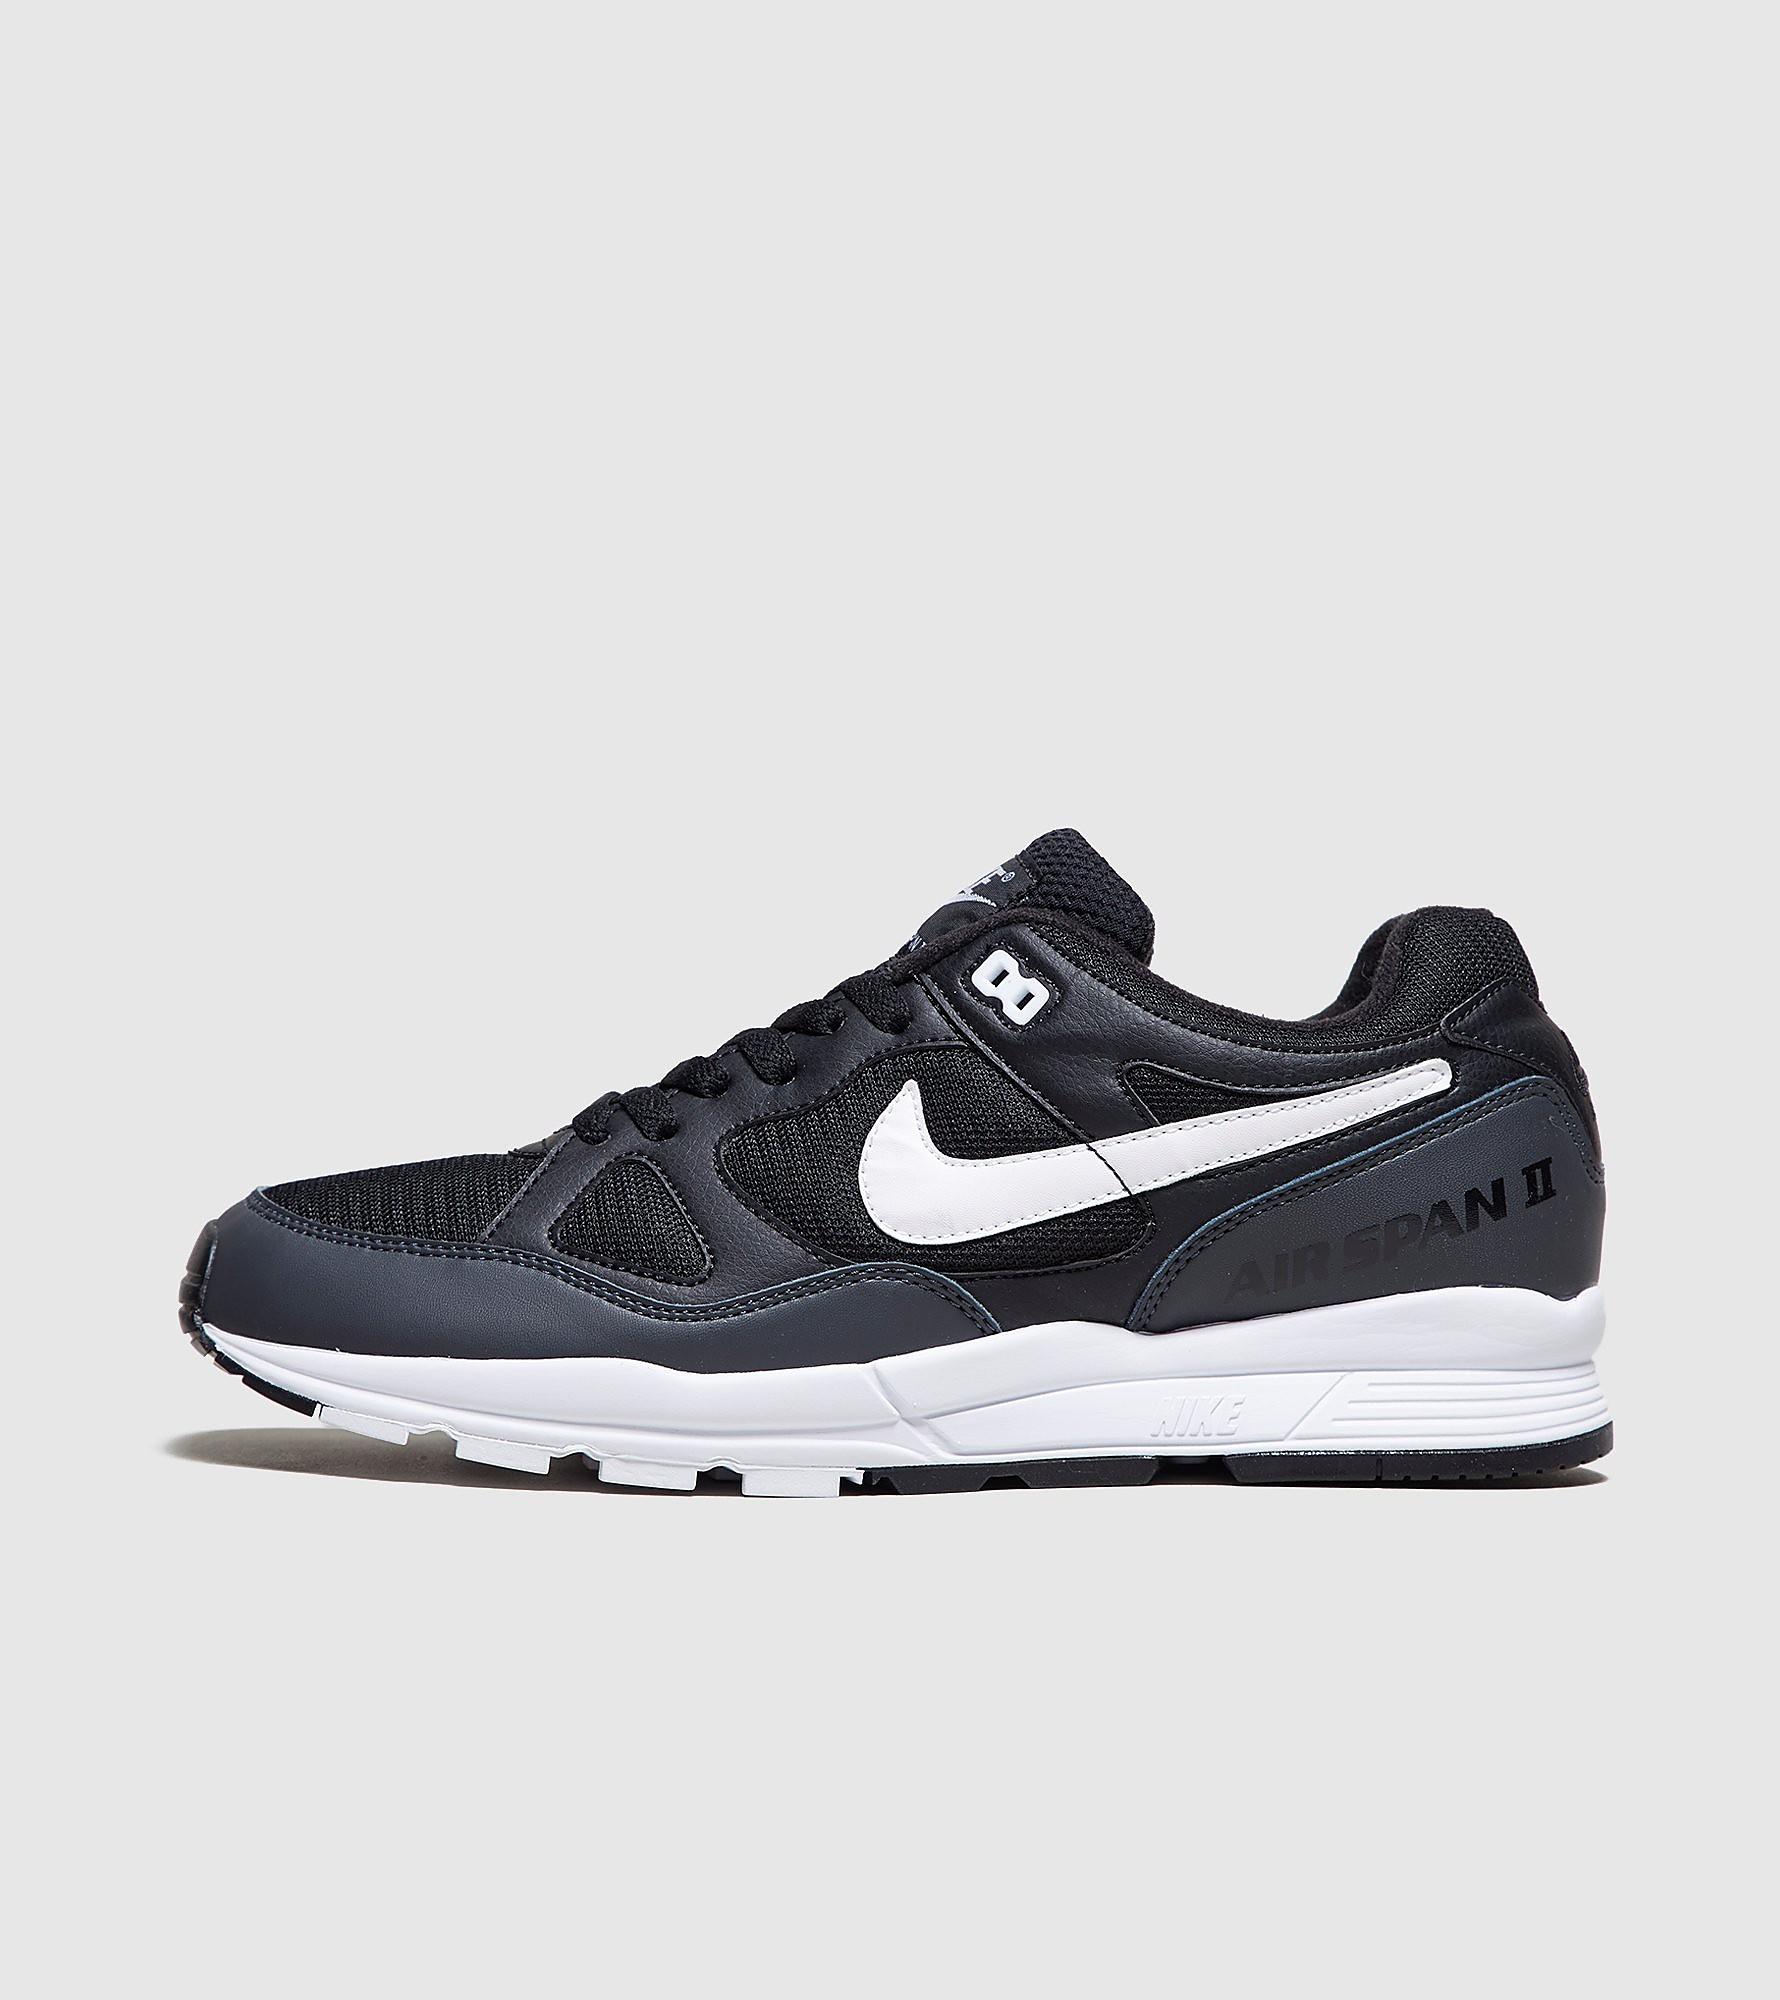 brand new 76003 41aad Nike NIKE AIR SPAN II